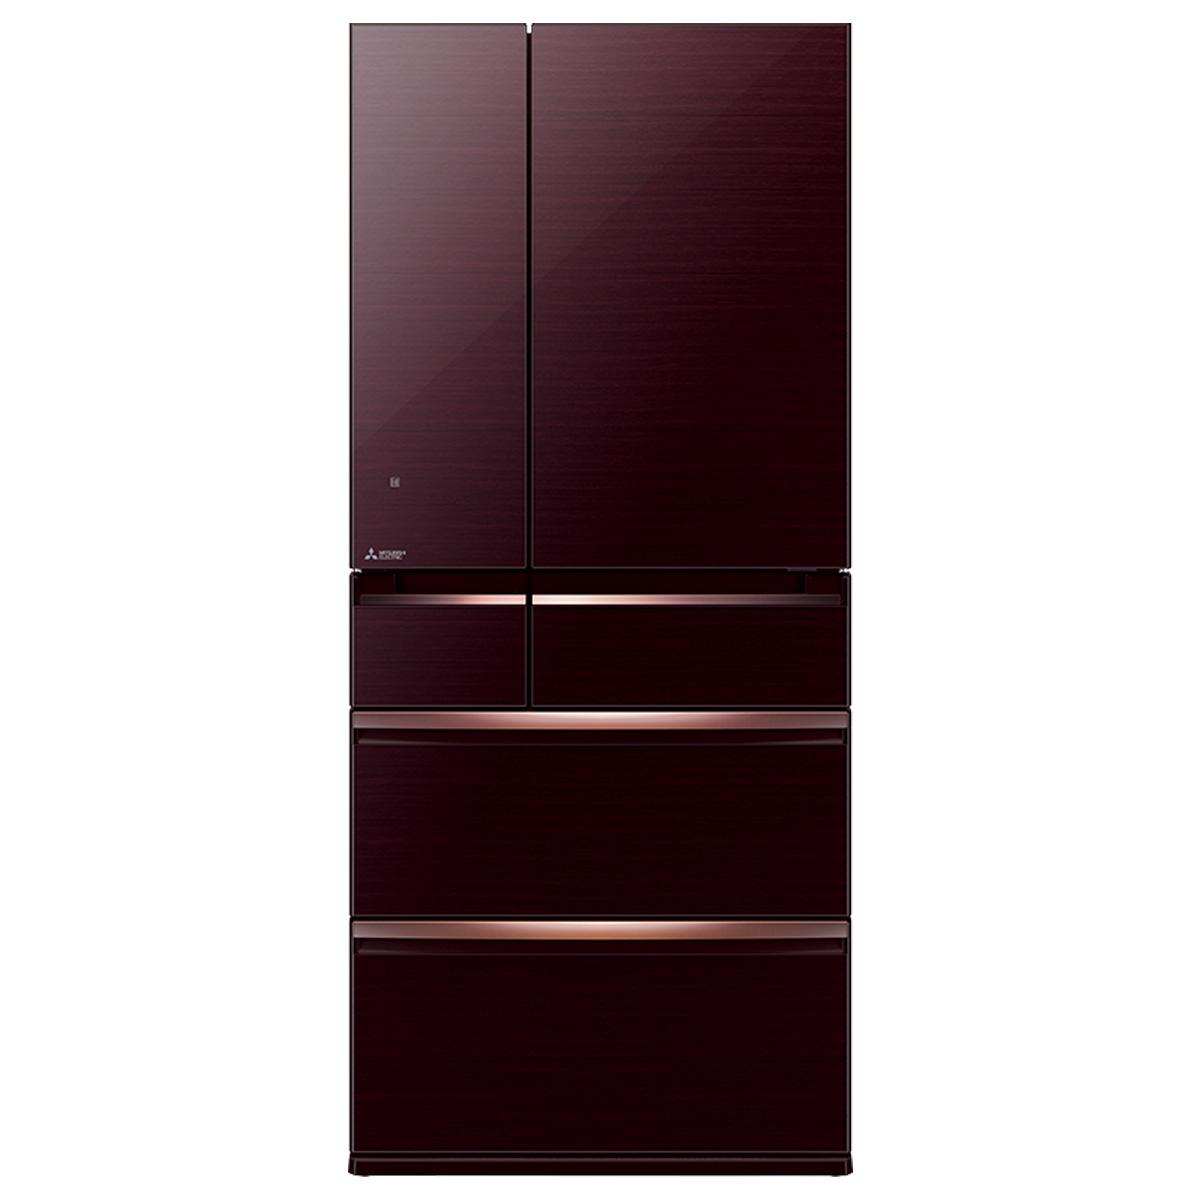 Tủ lạnh Mitsubishi inverter 694 lít MR-WX70C-BR-V